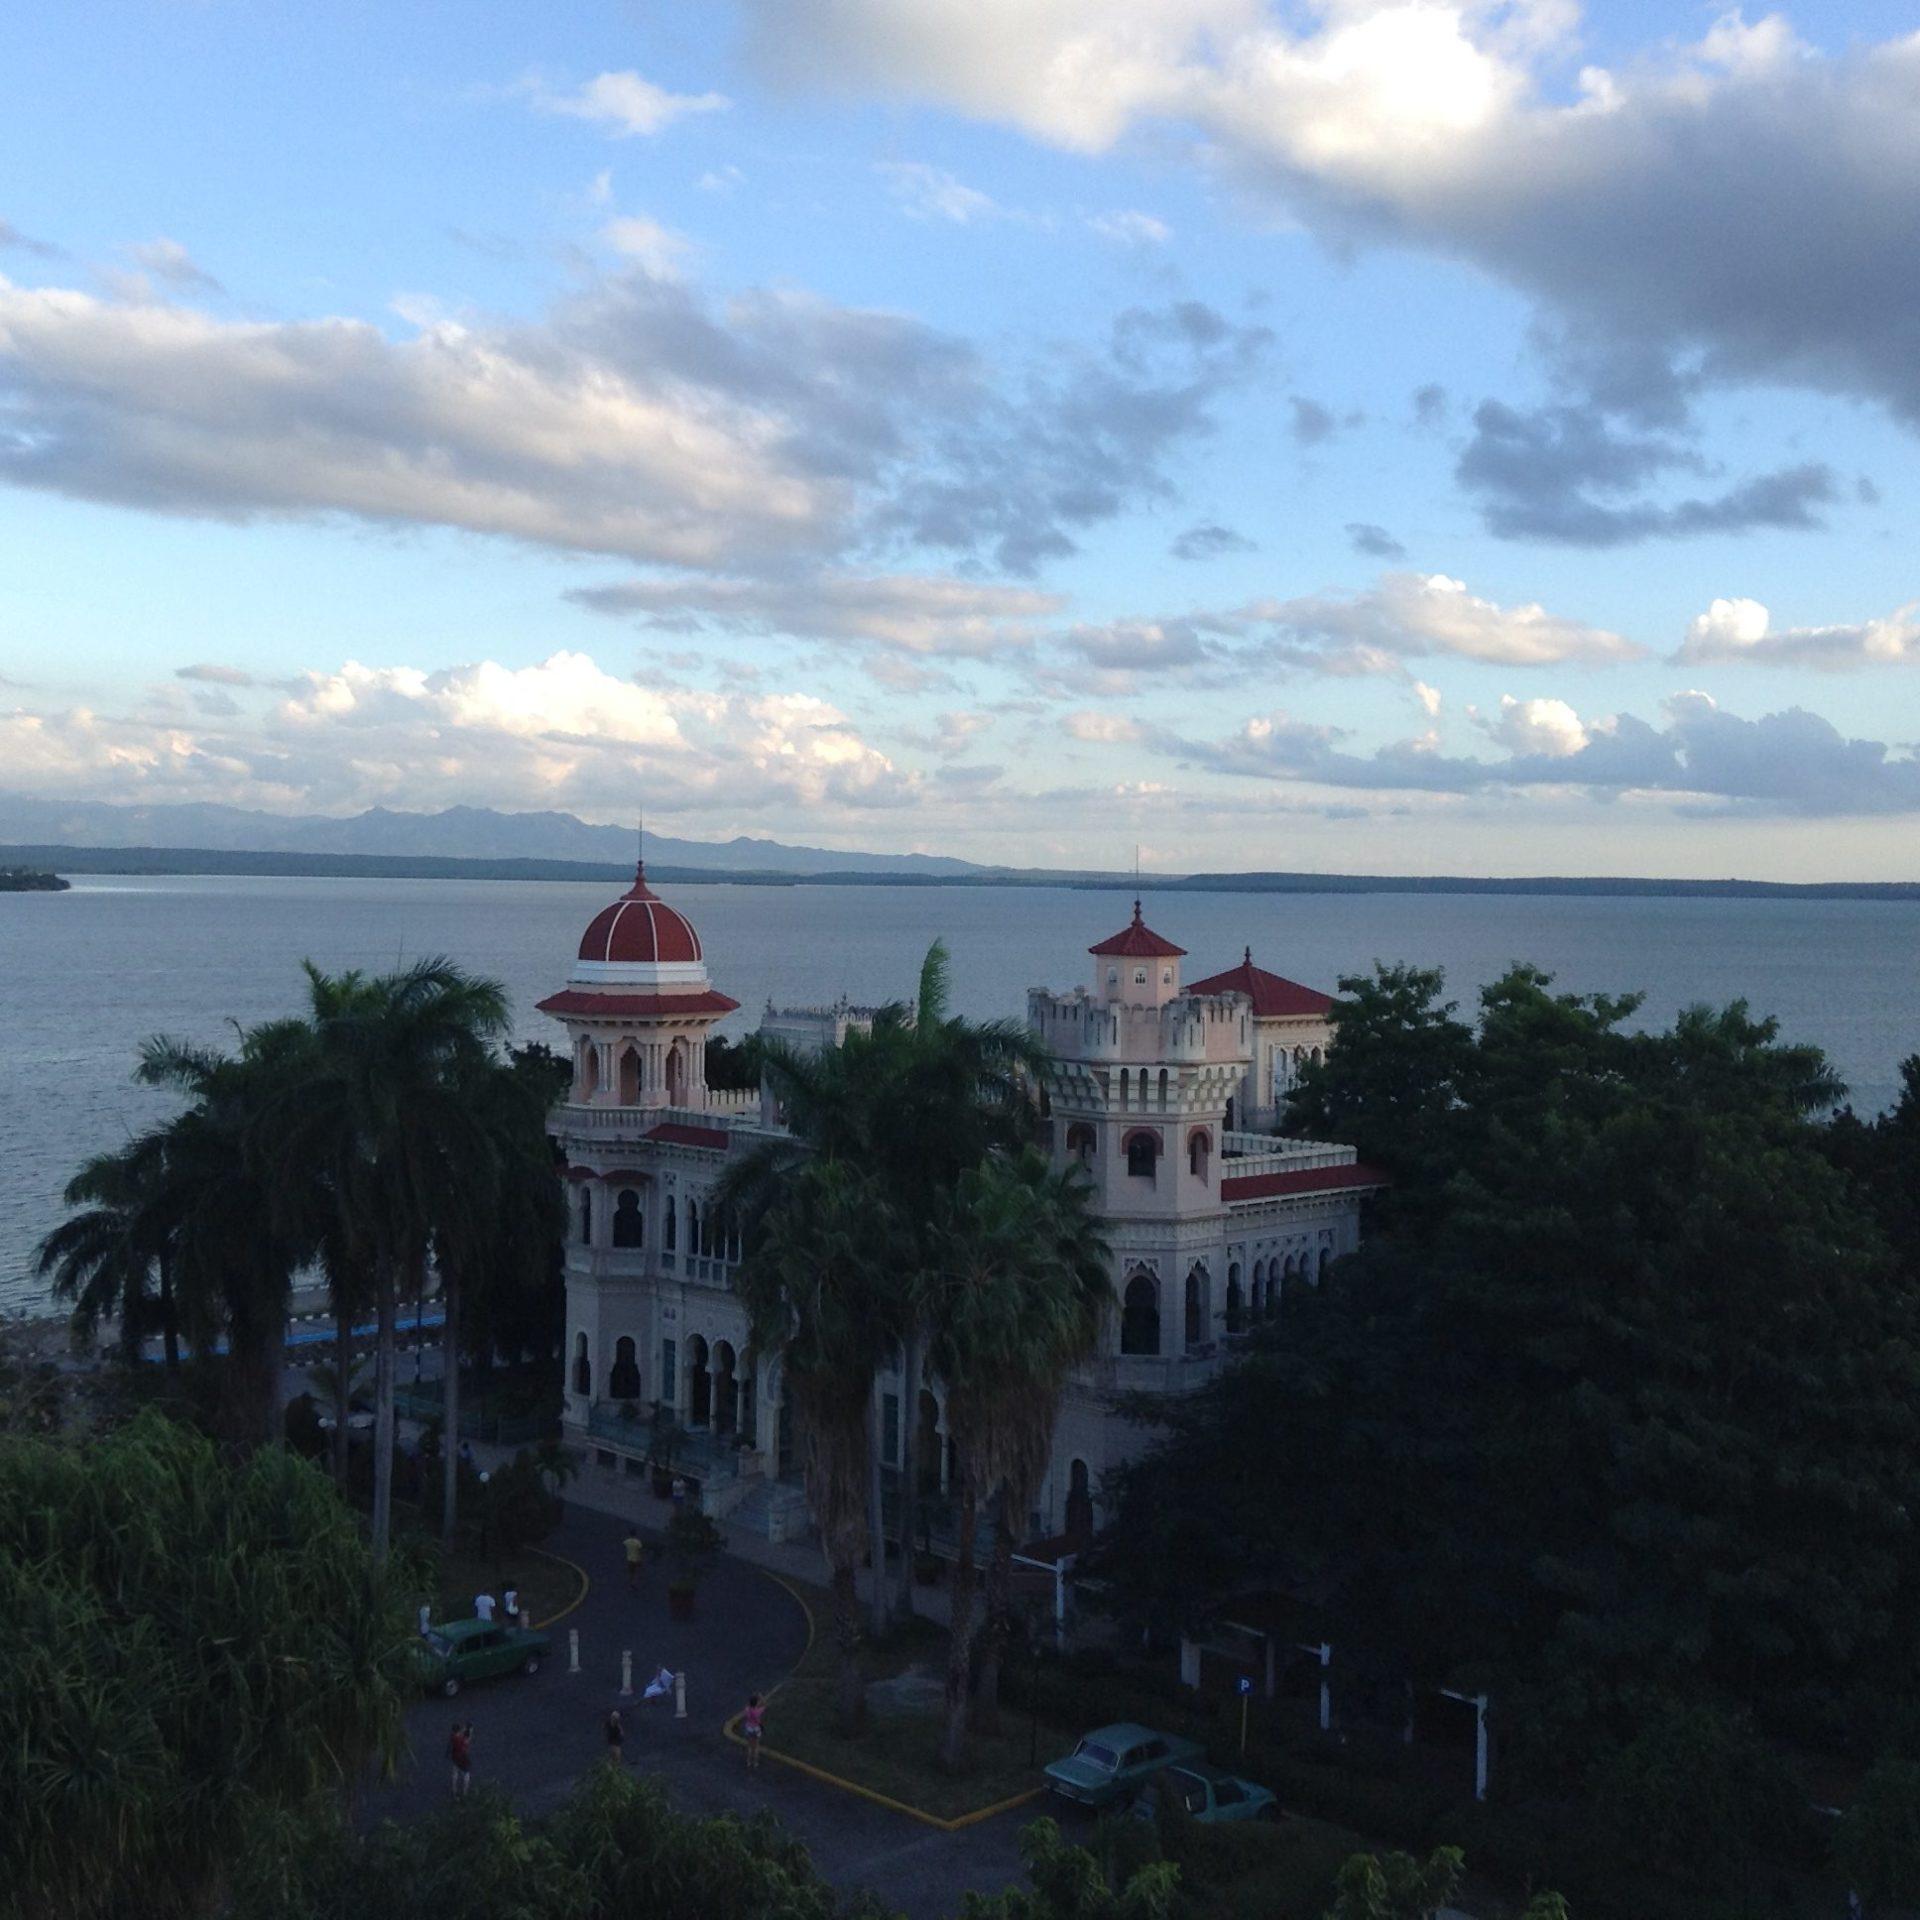 Colonial Casa Verde by Cienfuegos Bay.